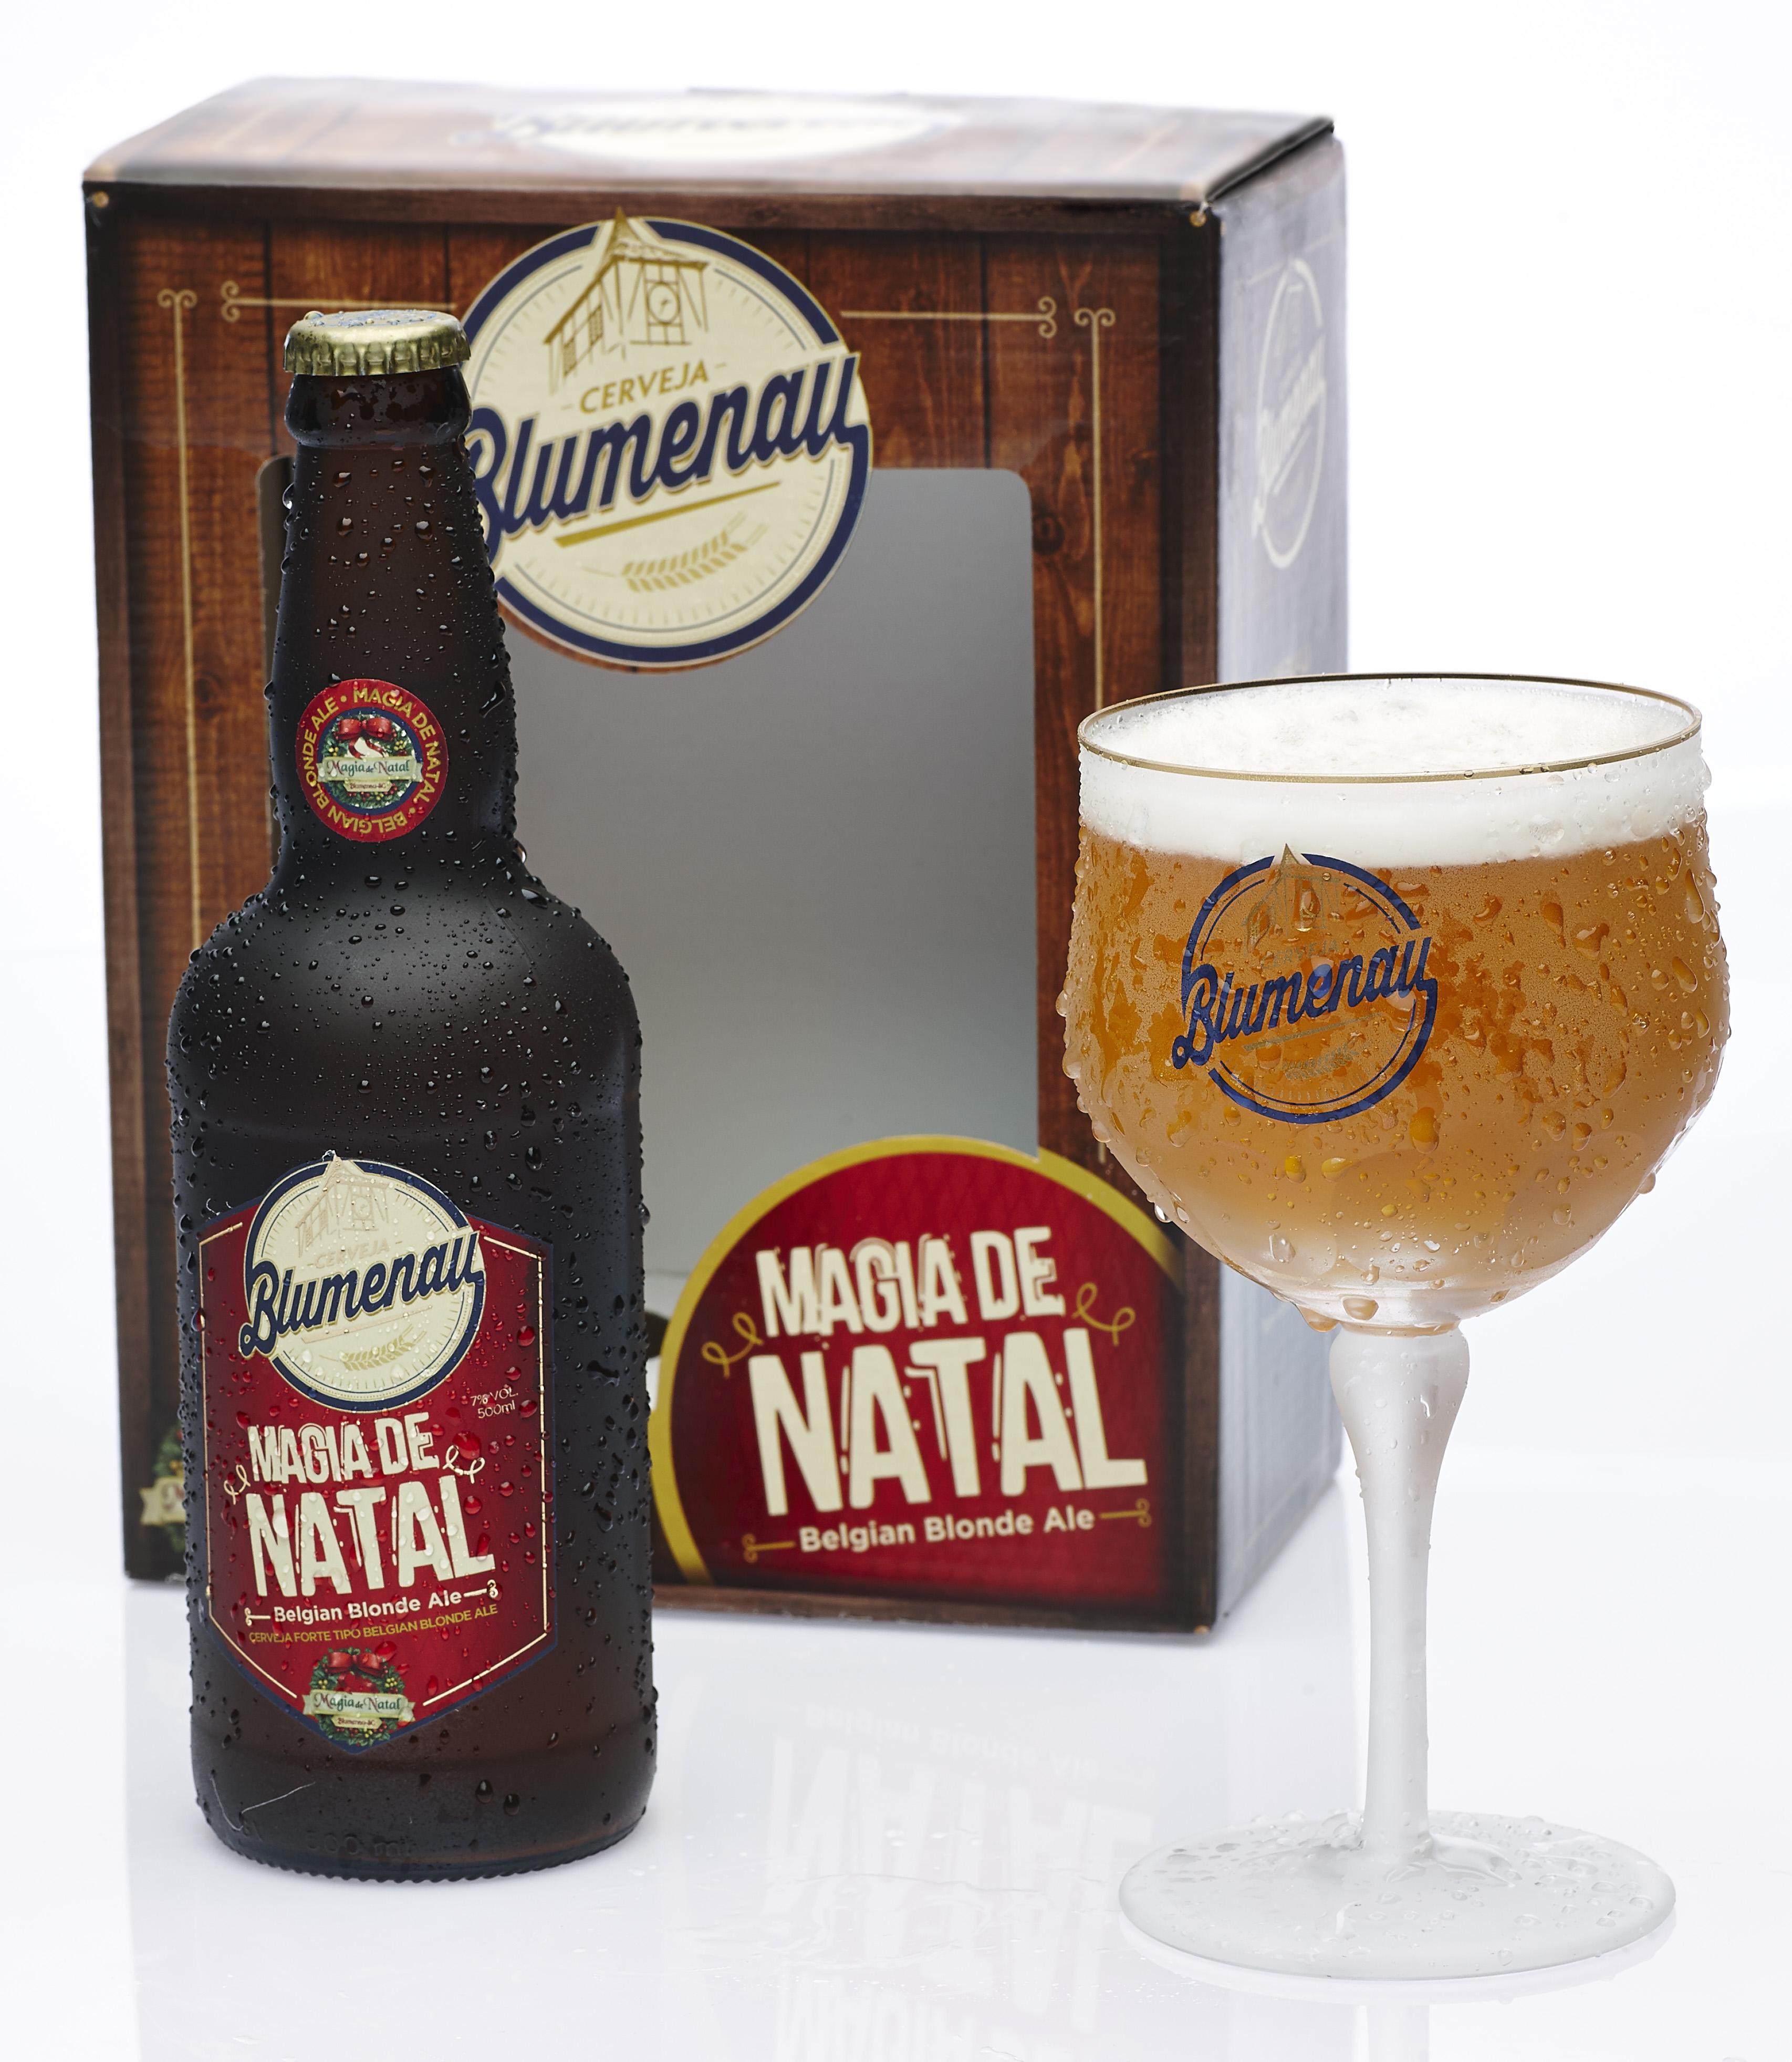 Edição limitada da Cerveja Blumenau para o Natal já está à venda